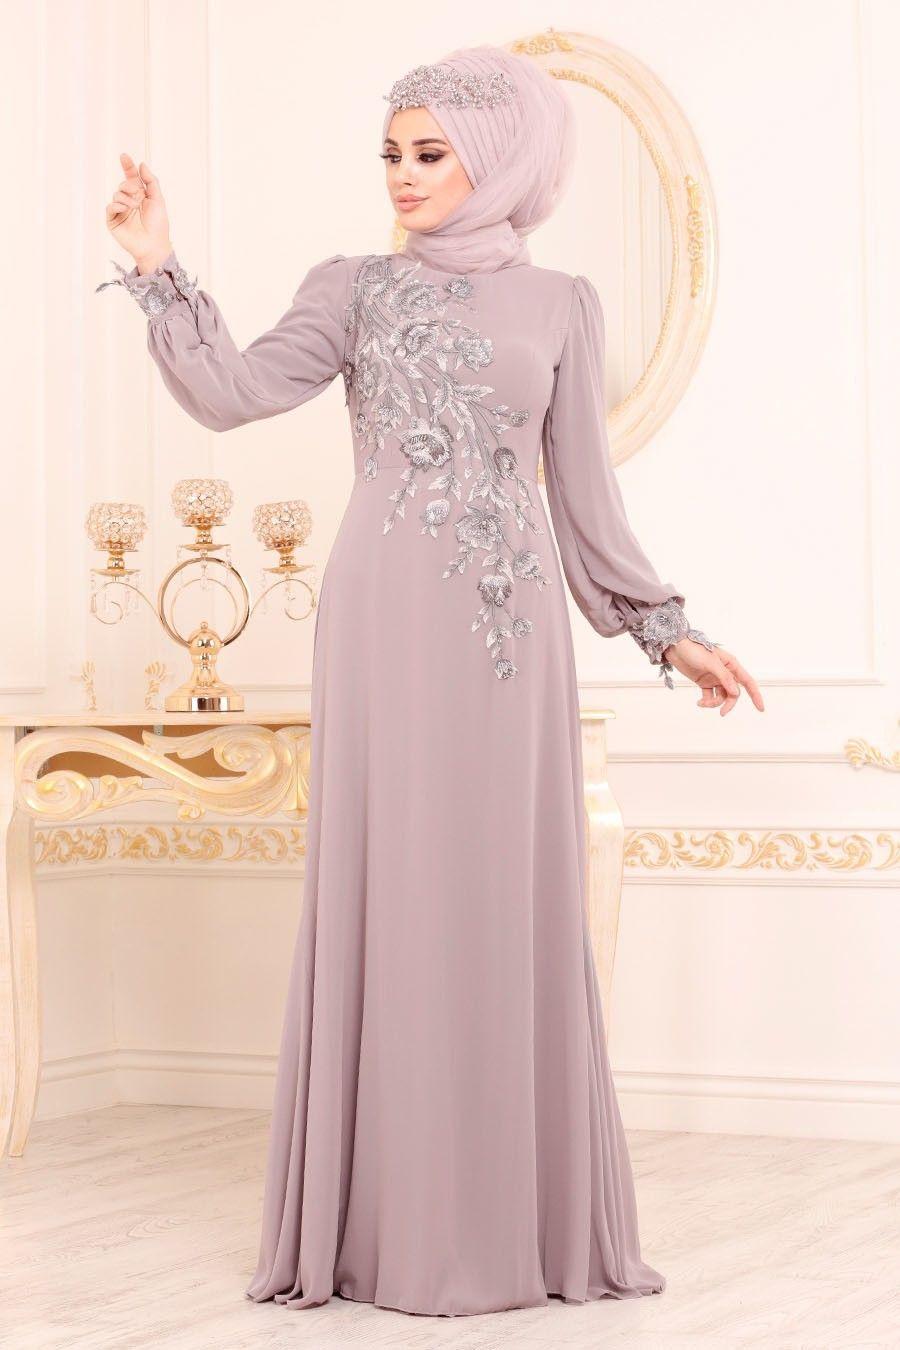 Tesetturlu Abiye Elbise Cicek Desenli Gul Kurusu Tesettur Abiye Elbise 37850gk Tesetturisland Com Elbiseler Elbise Giyim